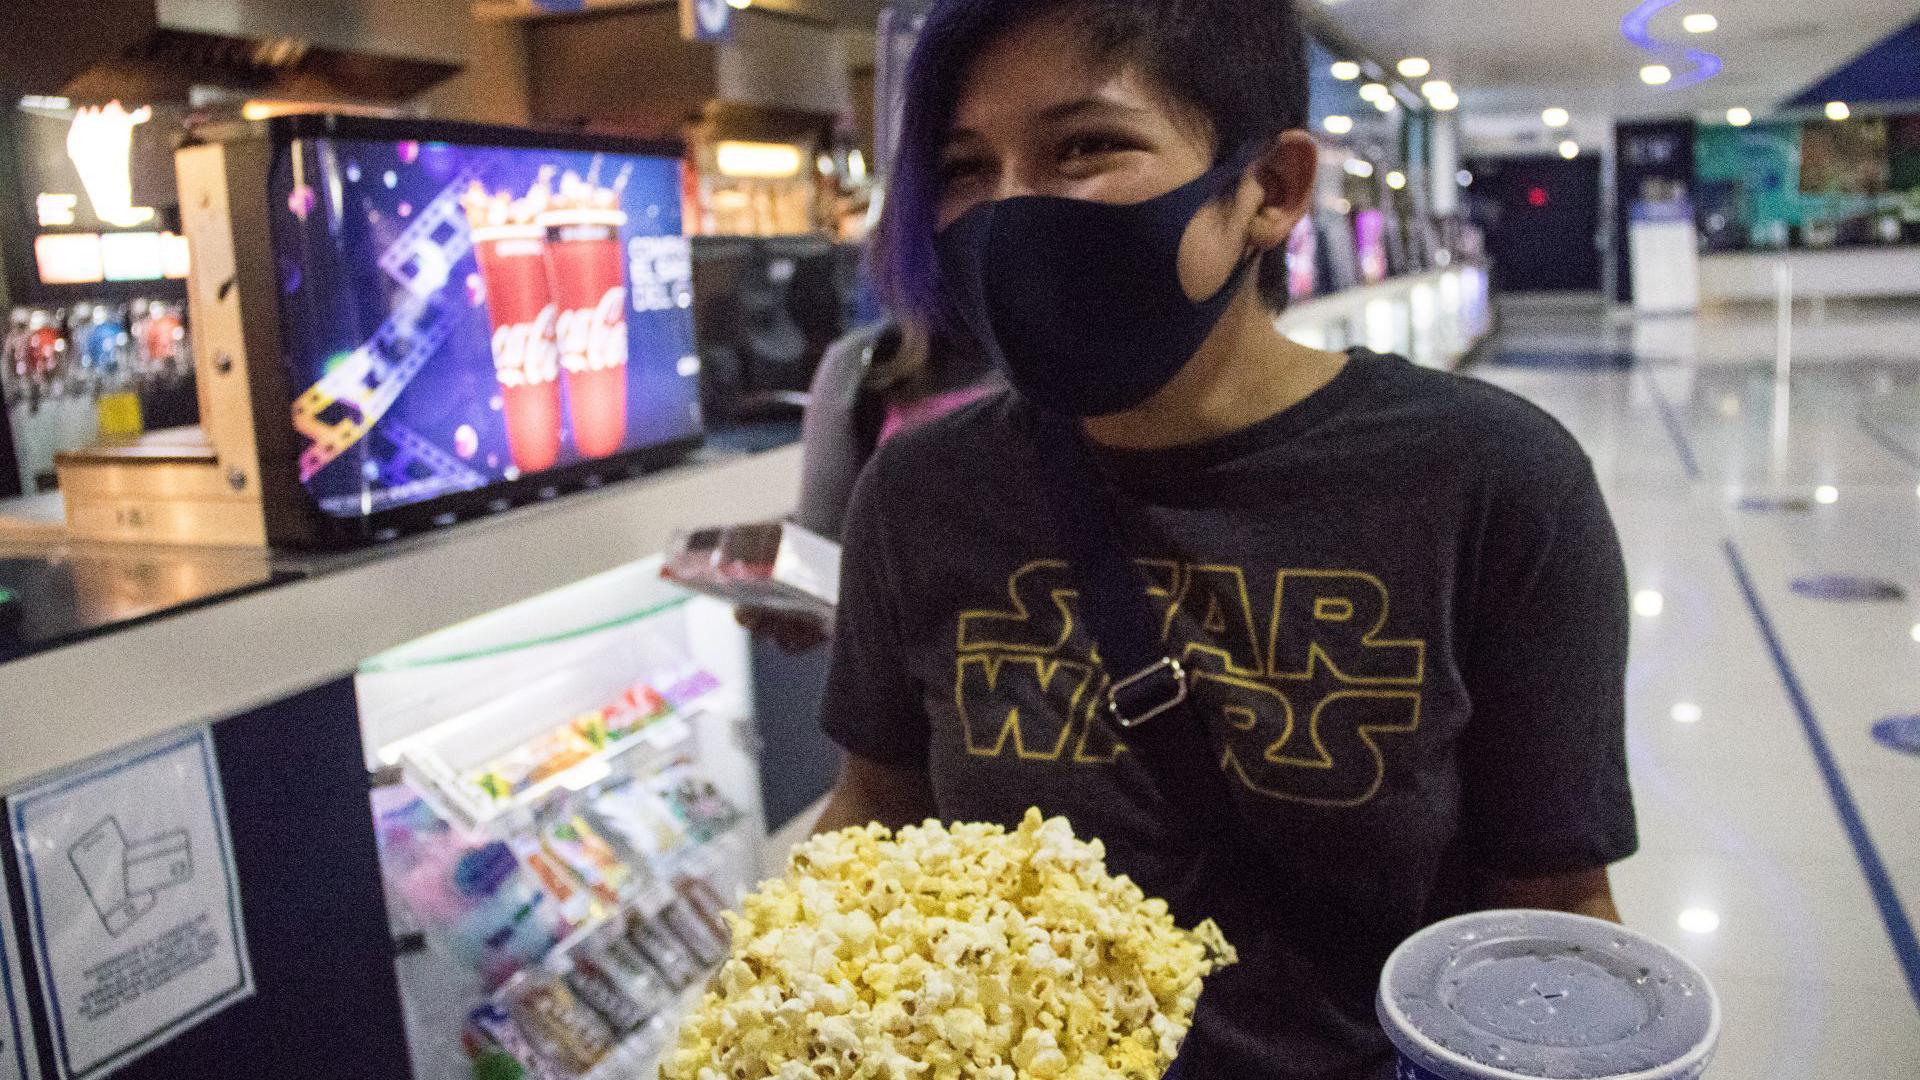 Los asistentes al cine podrán retirarse el cubrebocas para consumir sus alimentos, durante las fusiones esta prohibido hablar (Foto: Cuartoscuro)